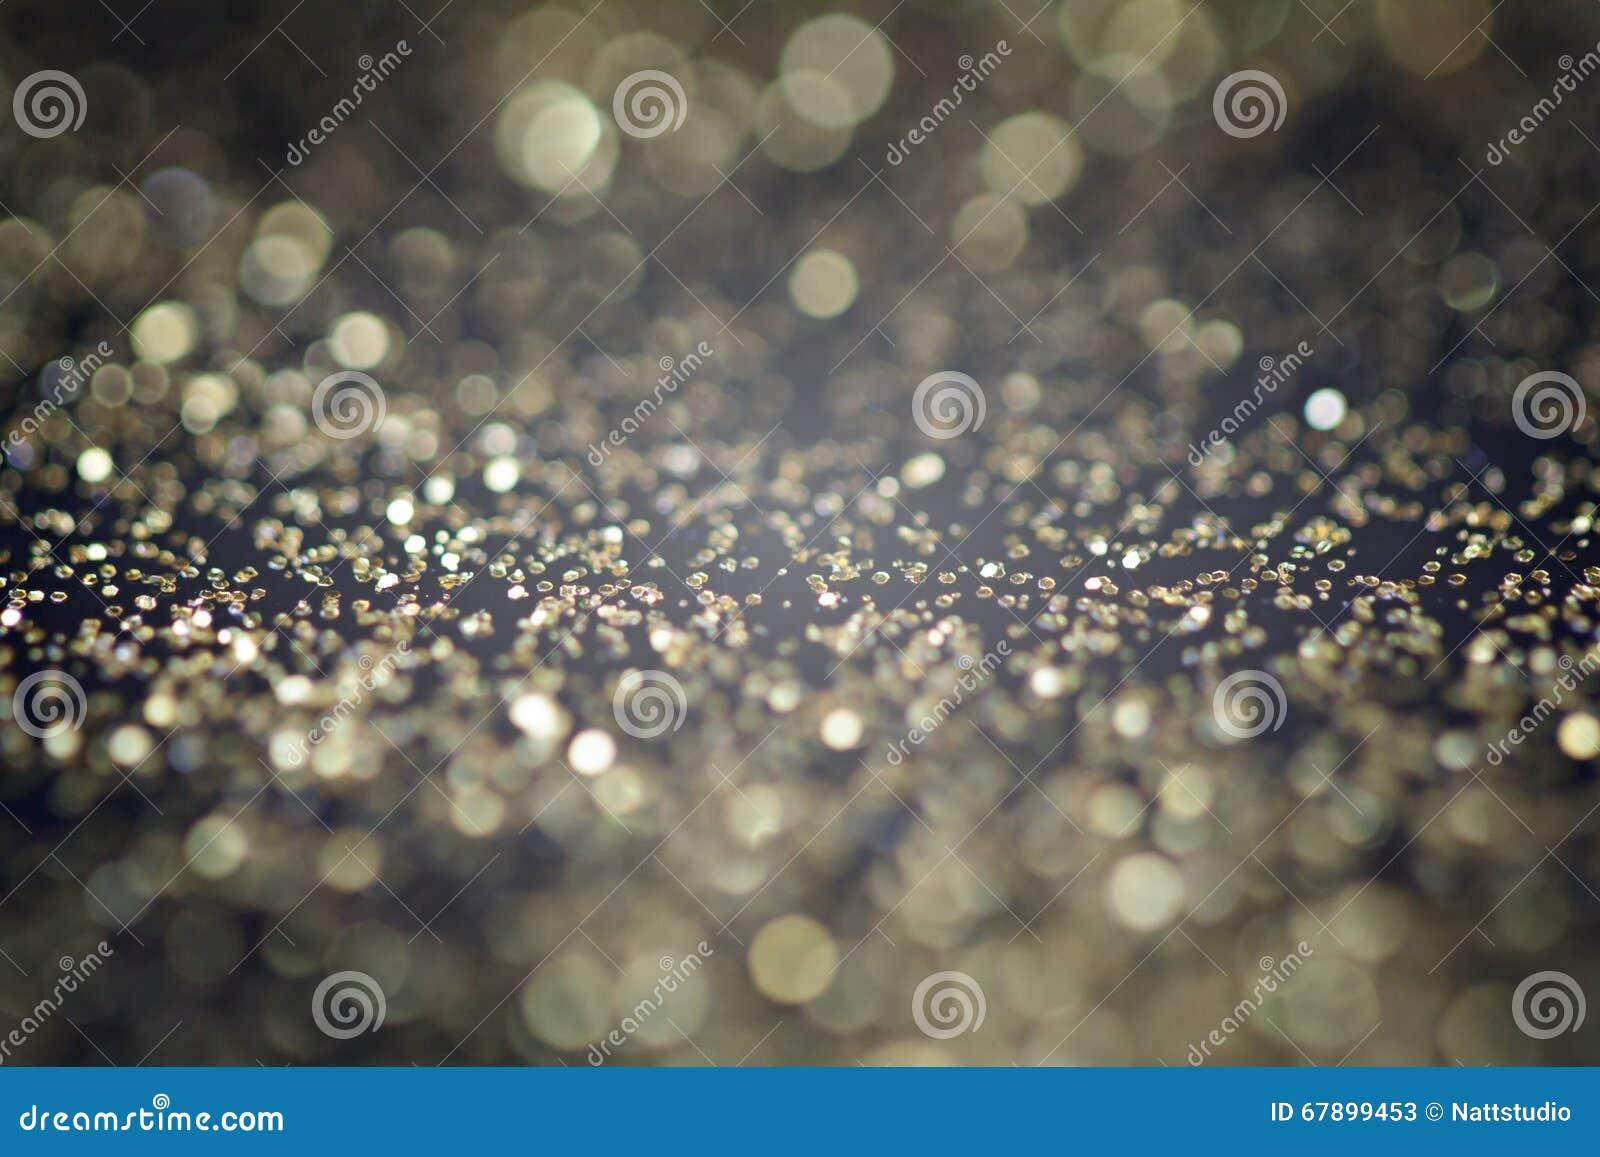 抽象金黄闪烁背景 庆祝和圣诞节背景